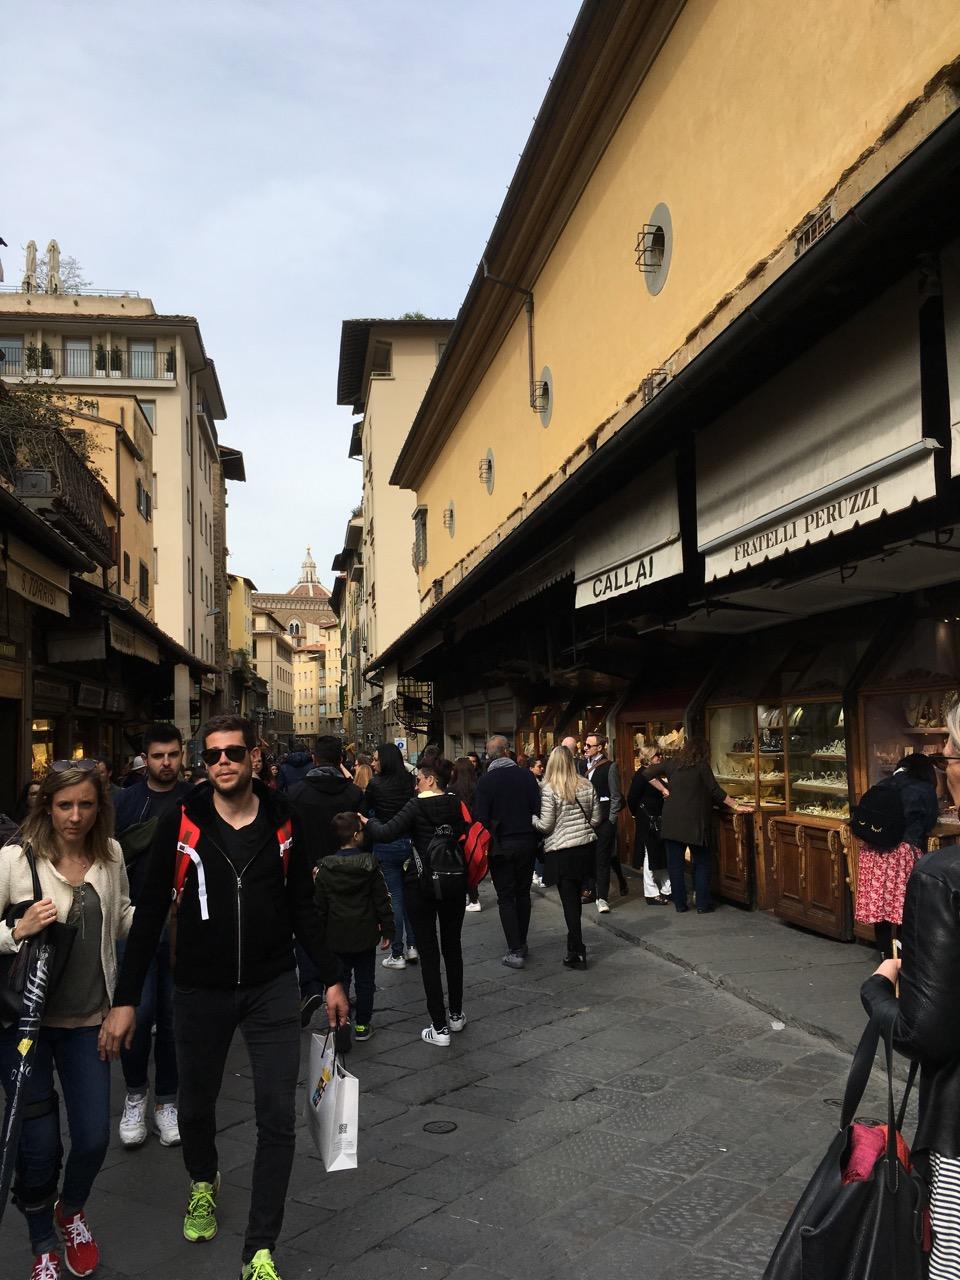 桥上跟步行街类似,两旁是古色古香的店铺